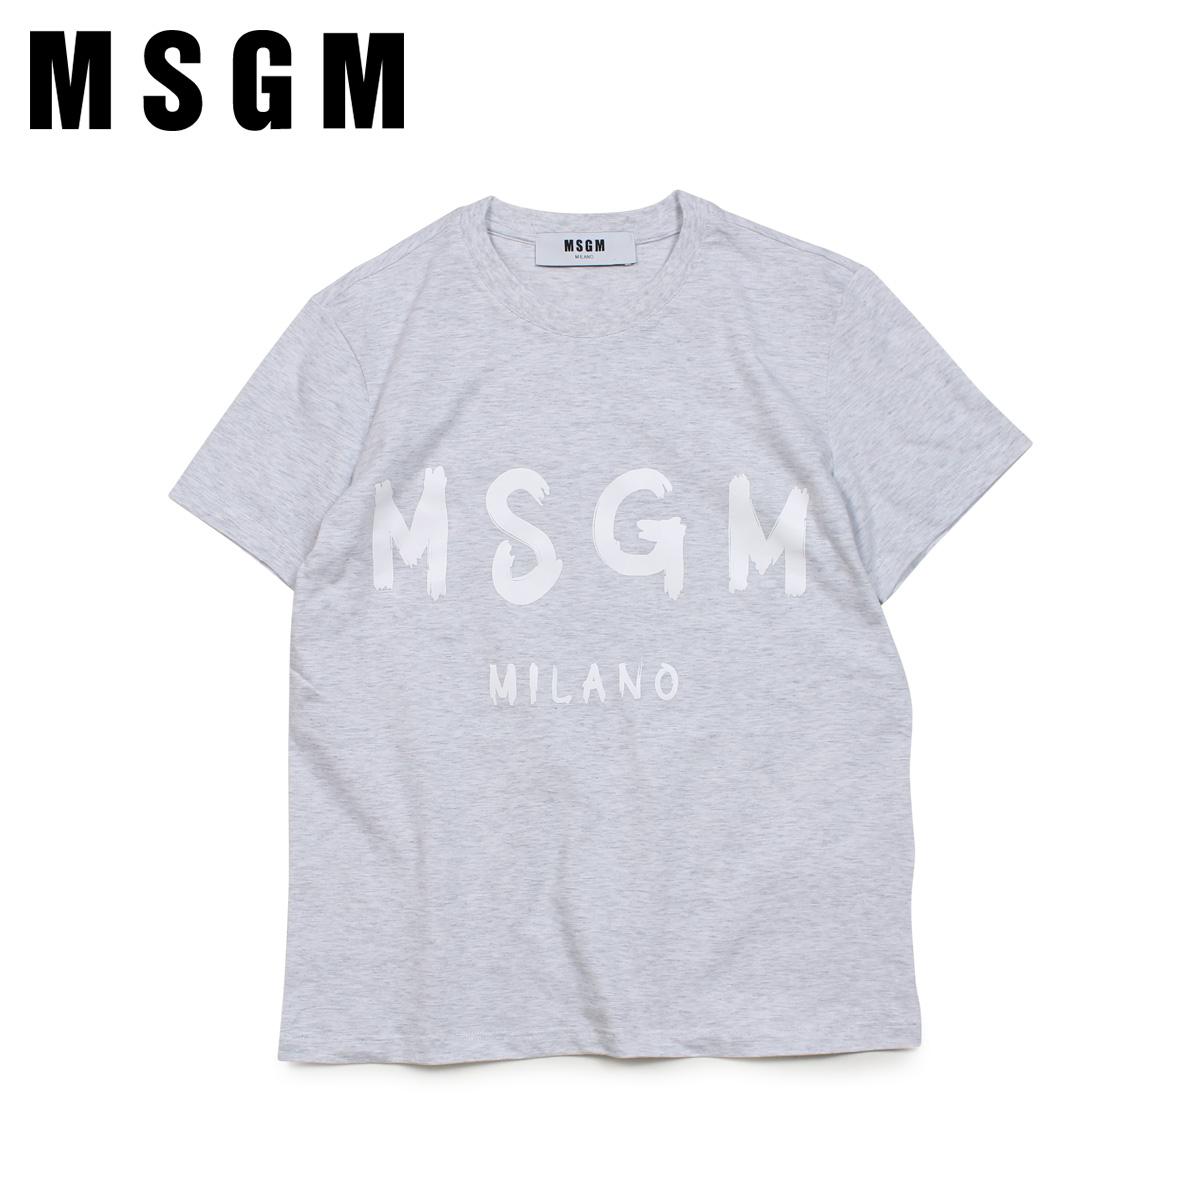 エムエスジーエム MSGM Tシャツ 半袖 レディース NEW RUBBED LOGO T-SHIRTS グレー MDM60 94